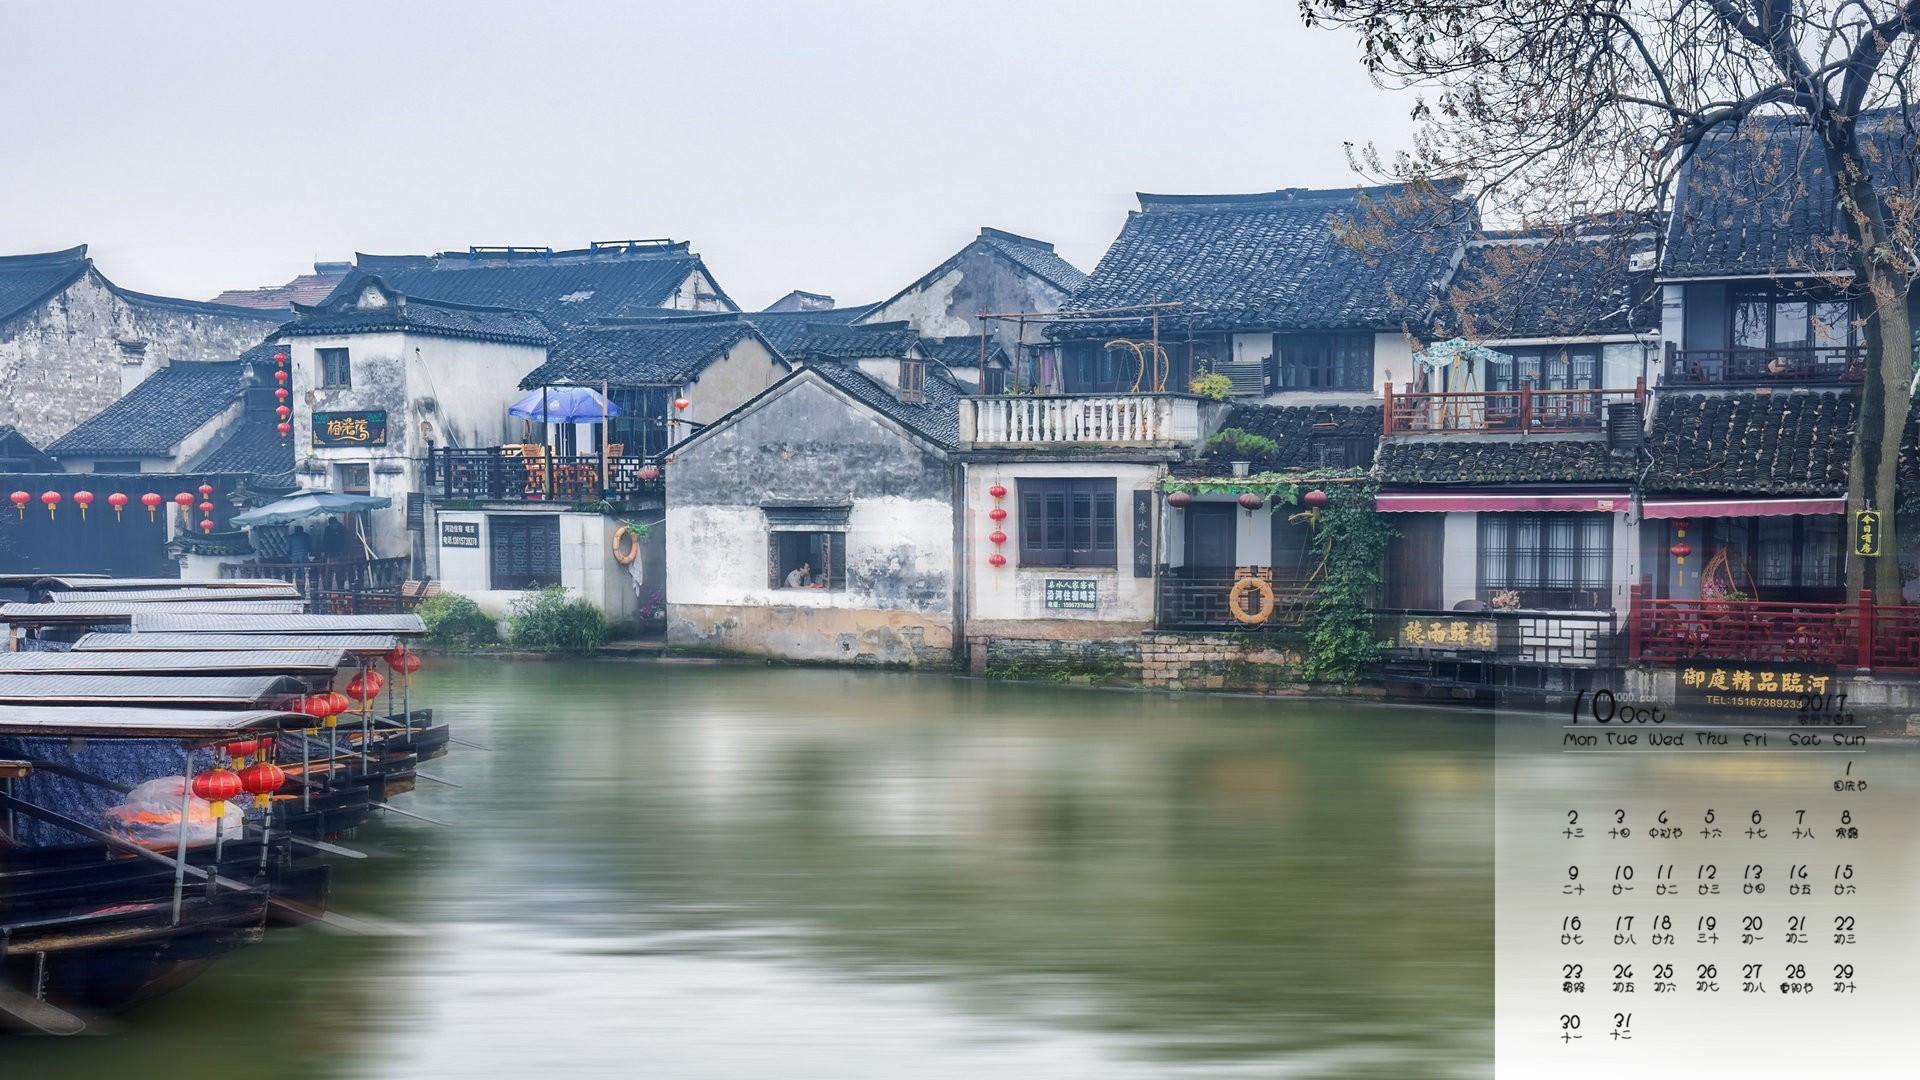 10月烟雨西塘古镇,唯美风景实在太美,人间天堂